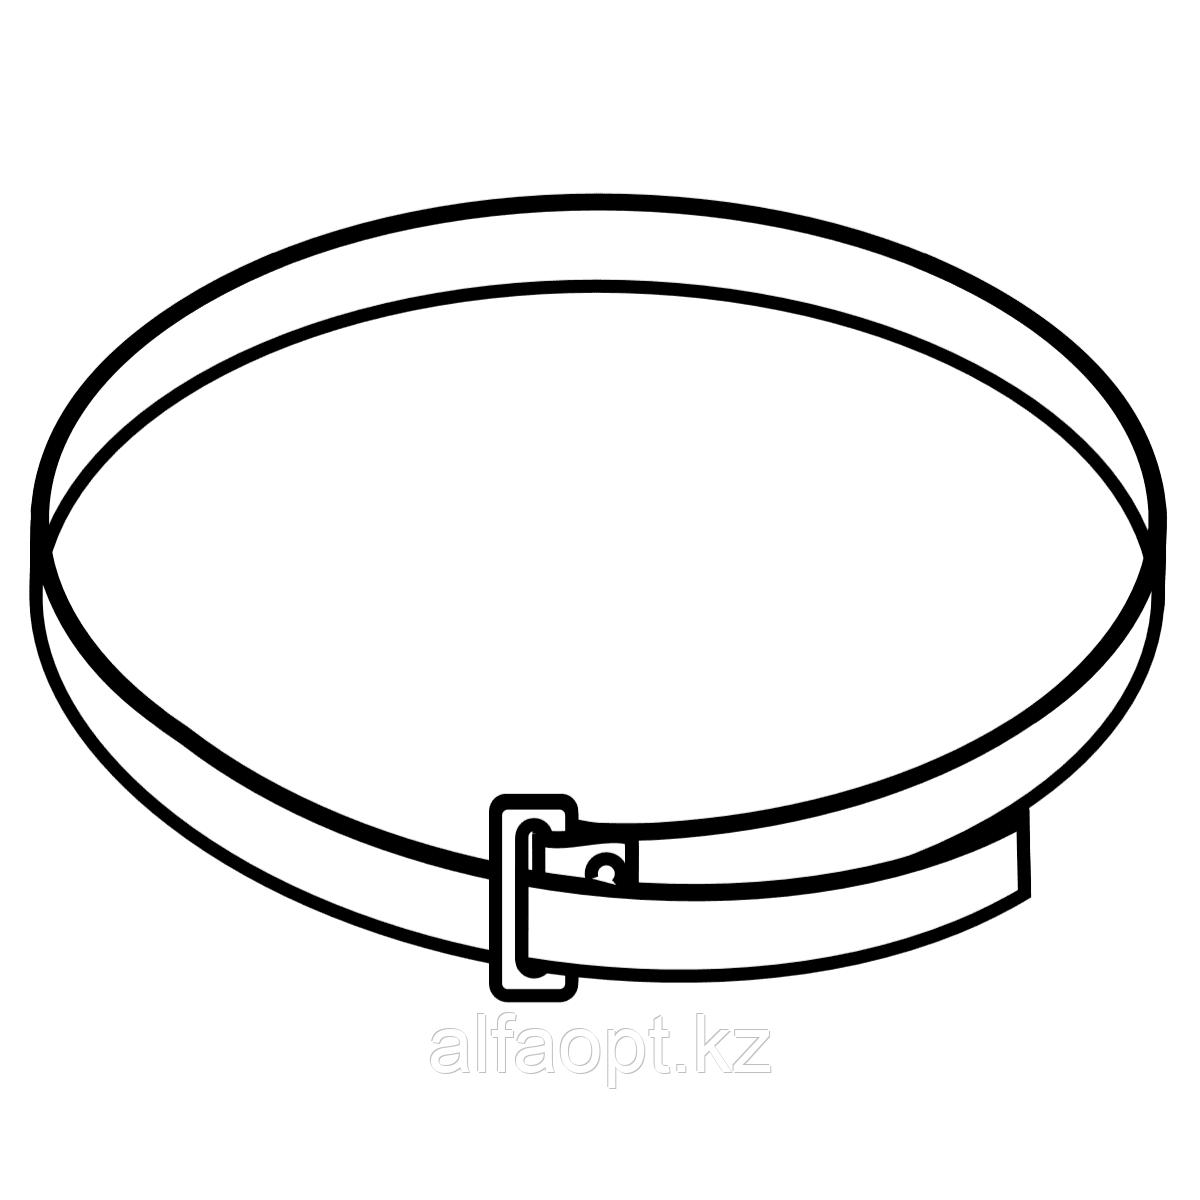 Хомут для крепления кронштейнов к трубе PB125 (50шт./уп.)